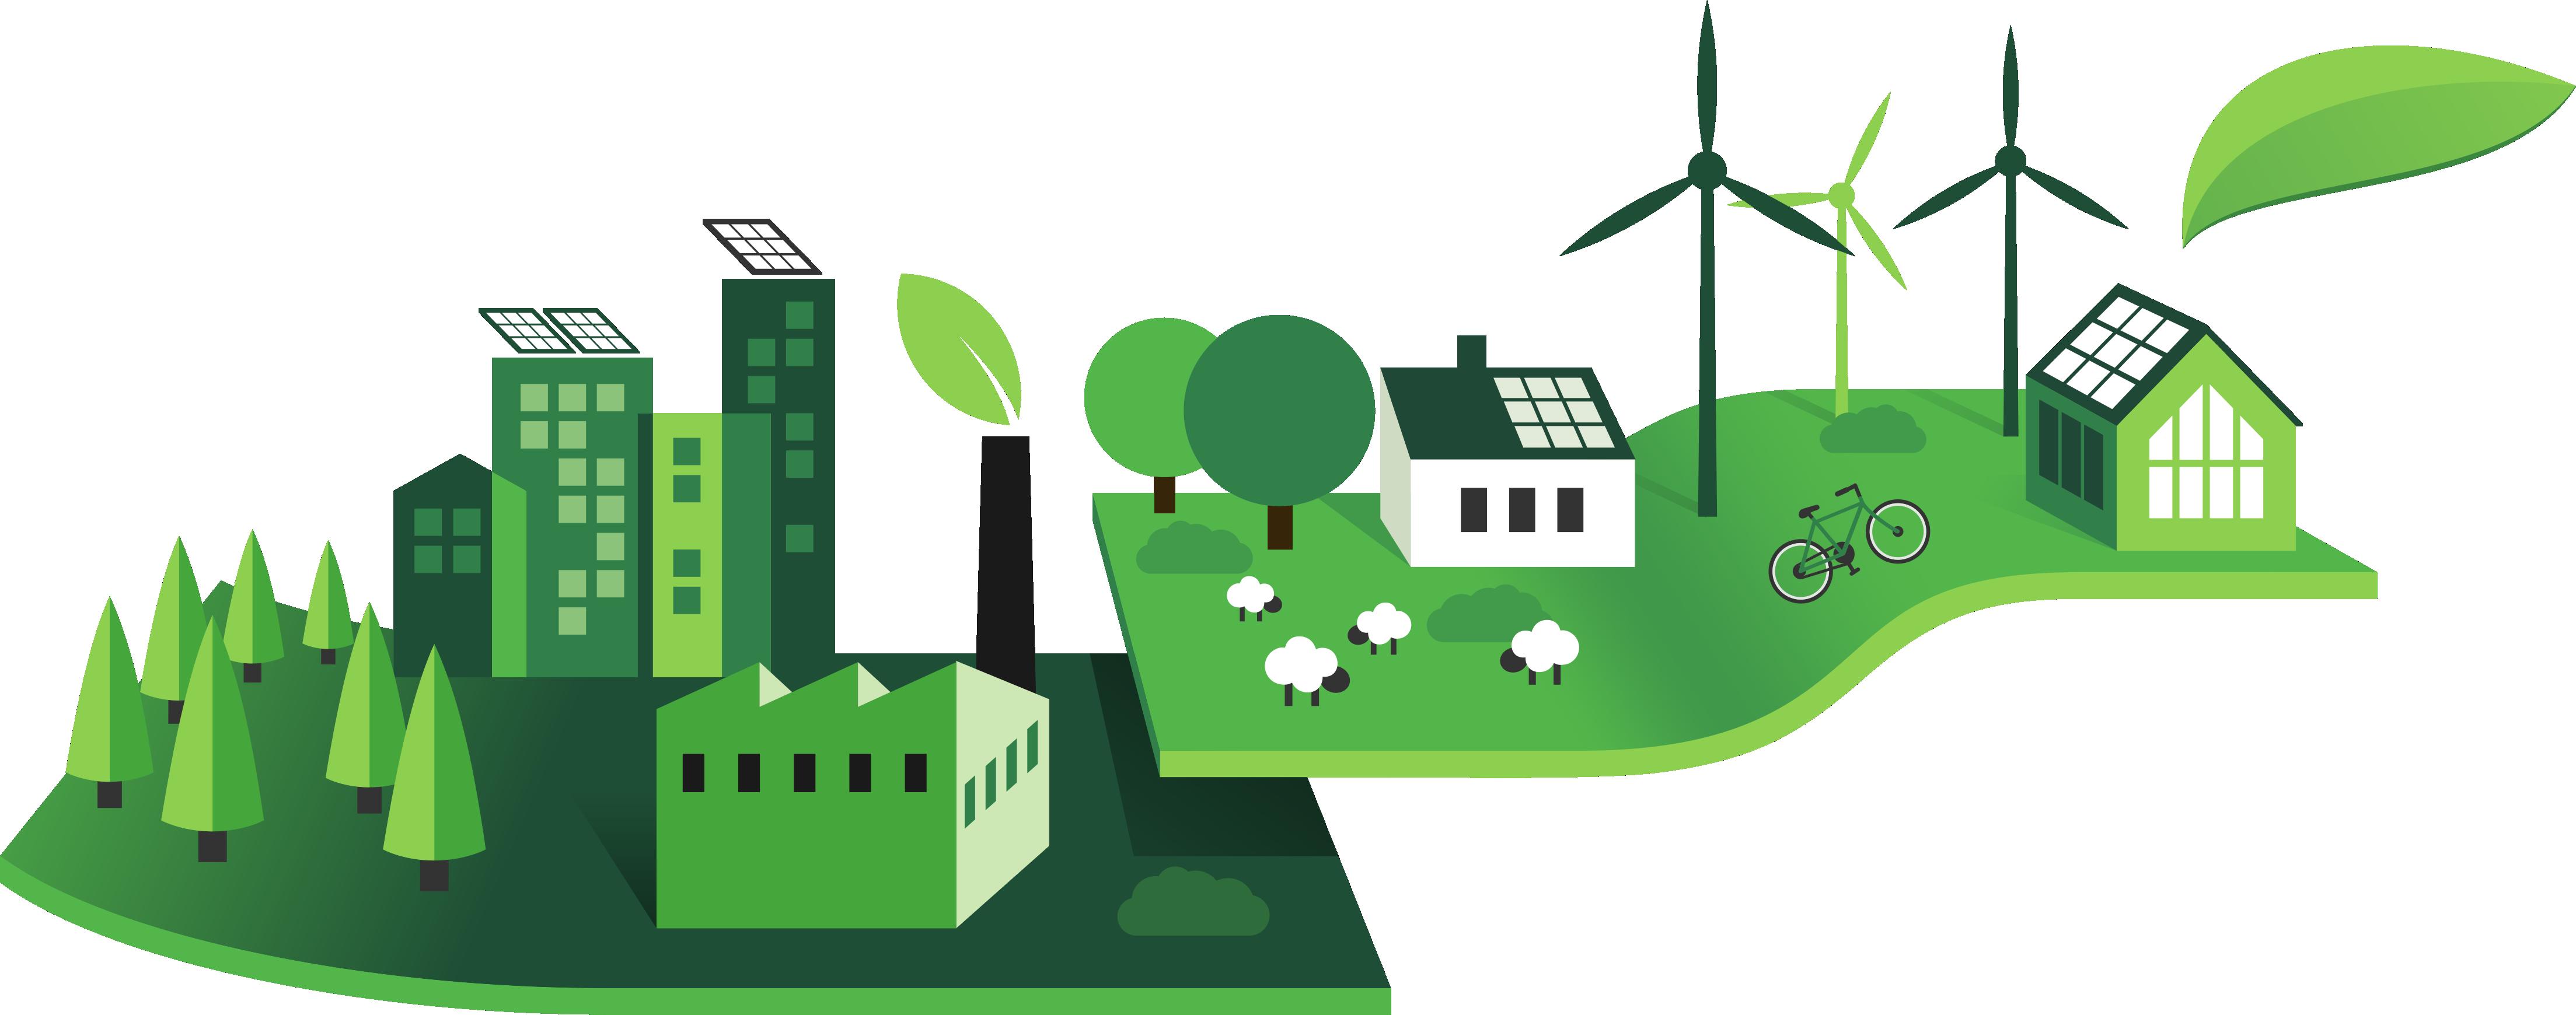 Οι εταιρείες με τη μεγαλύτερη βιωσιμότητα παγκοσμίως το 2018